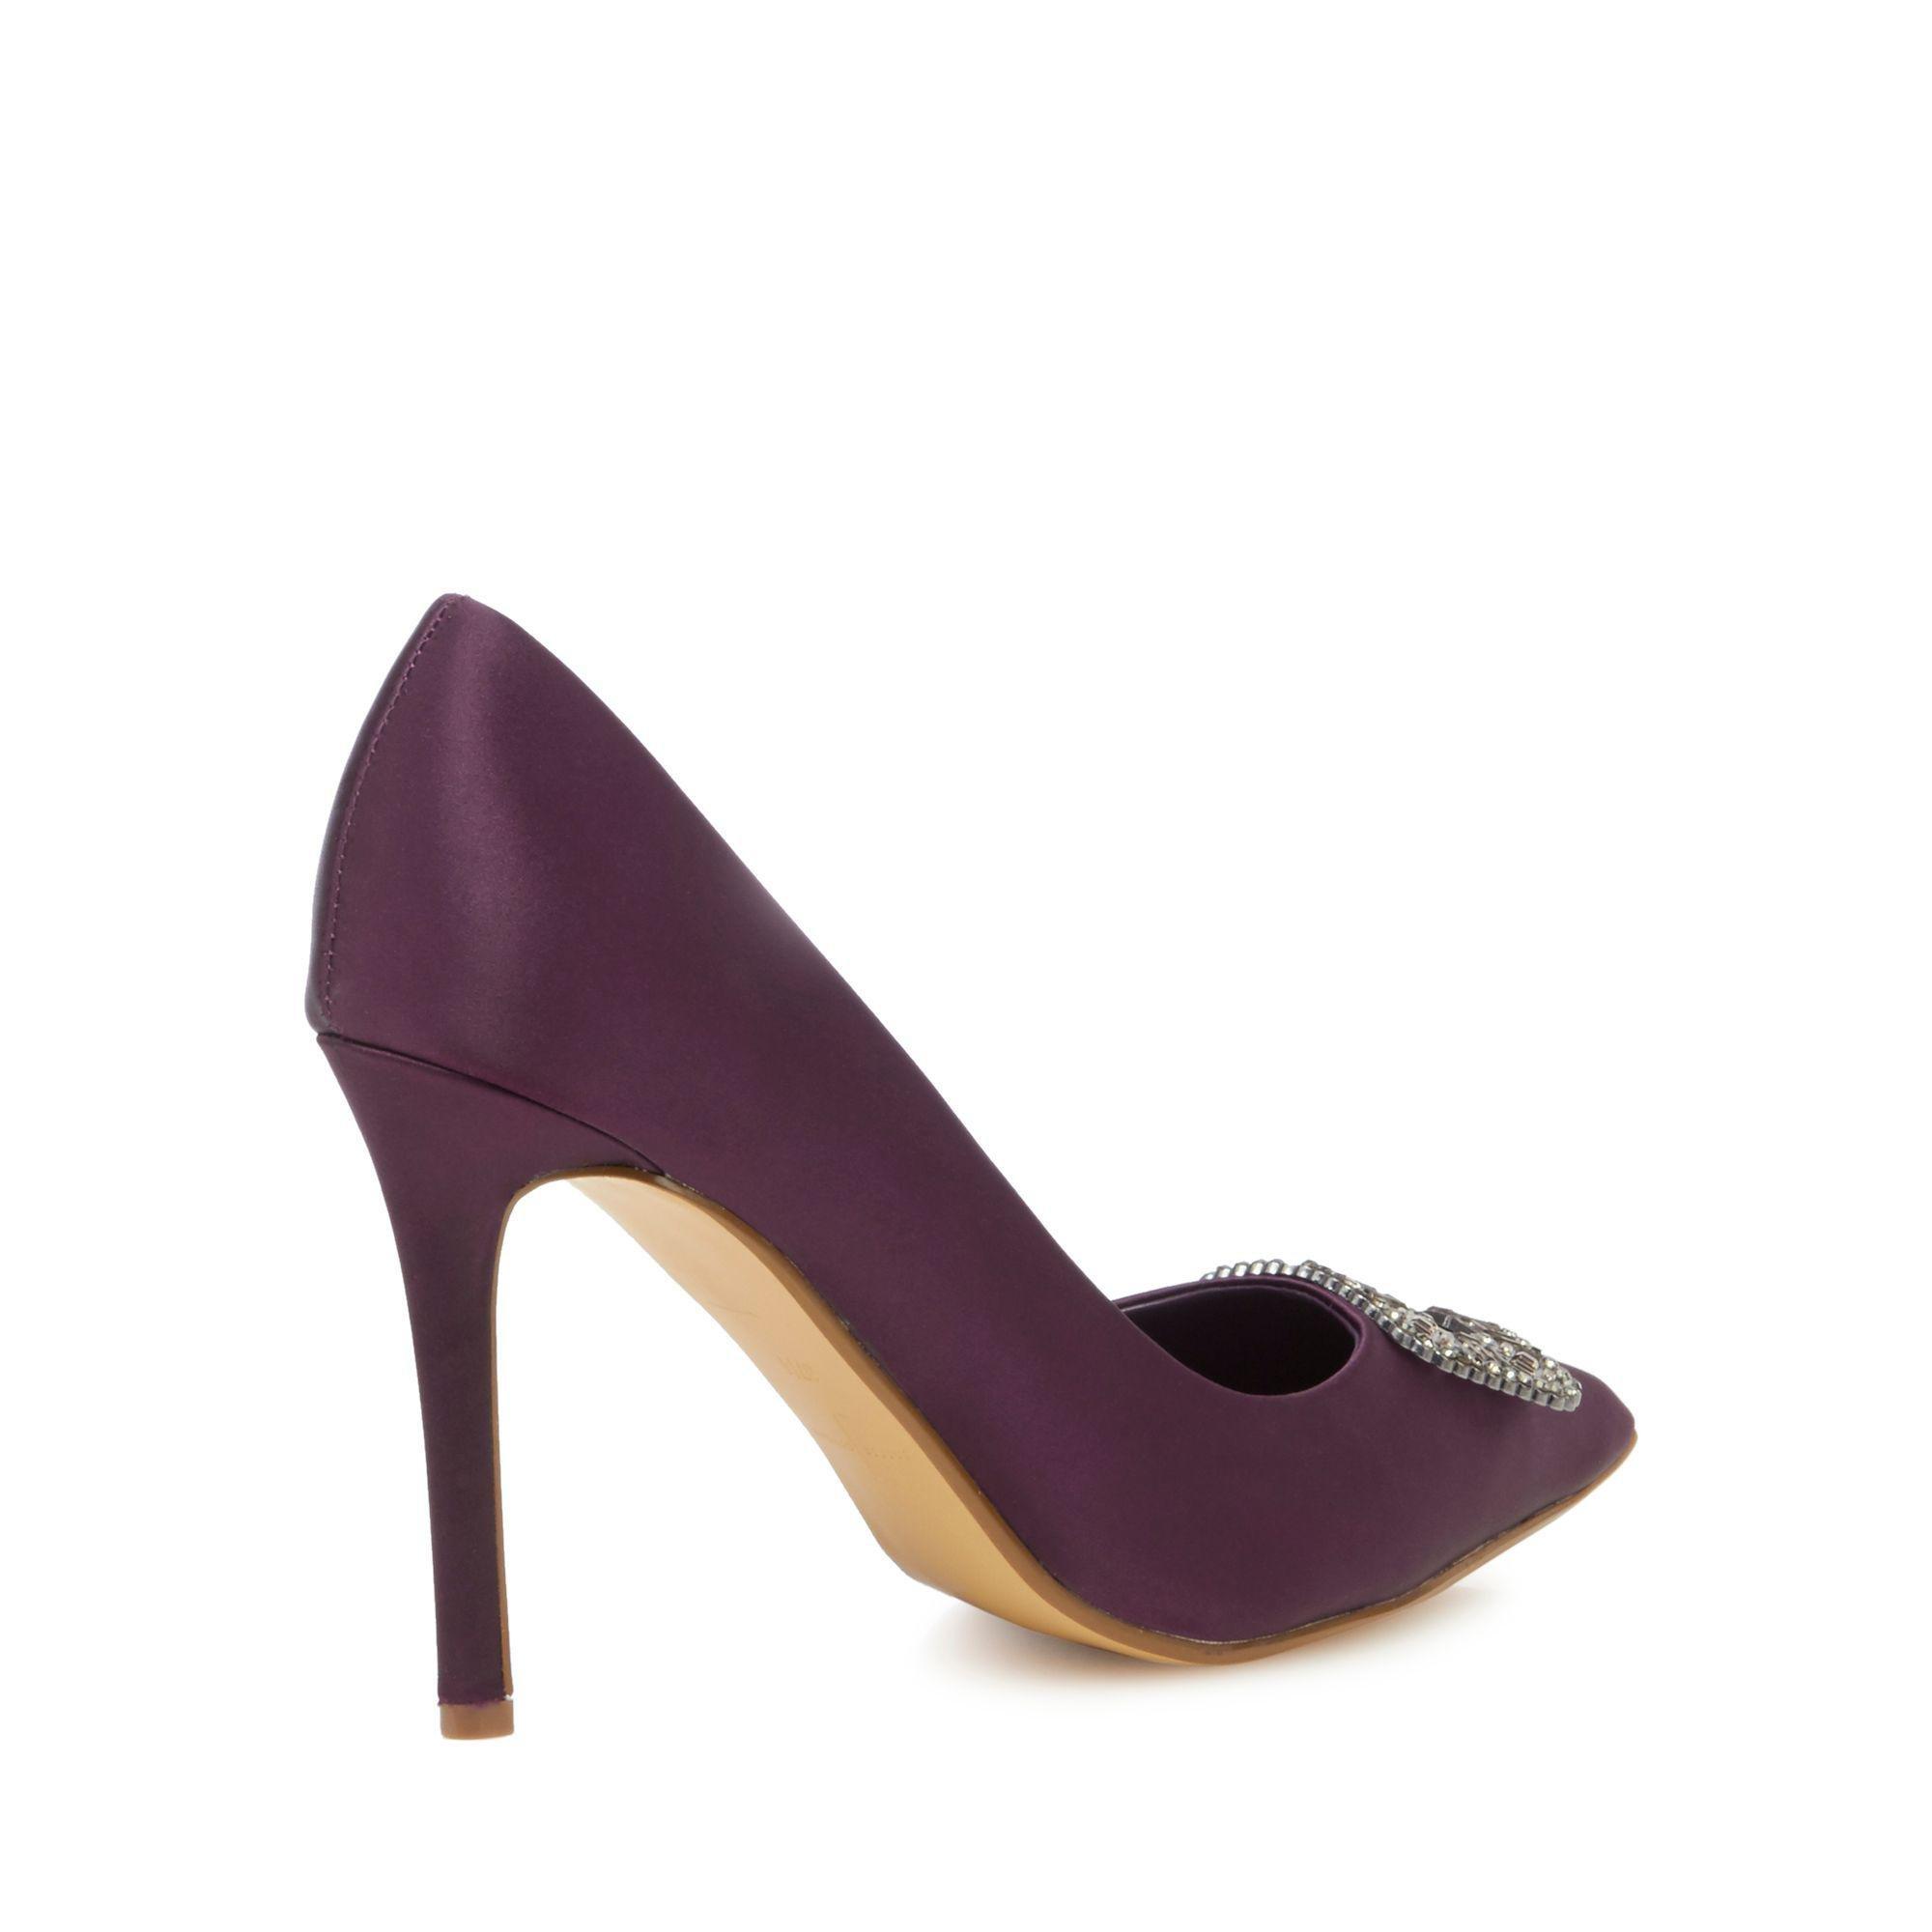 7407b33d28e4a J By Jasper Conran Dark Purple 'jessie' High Stiletto Heel Court ...